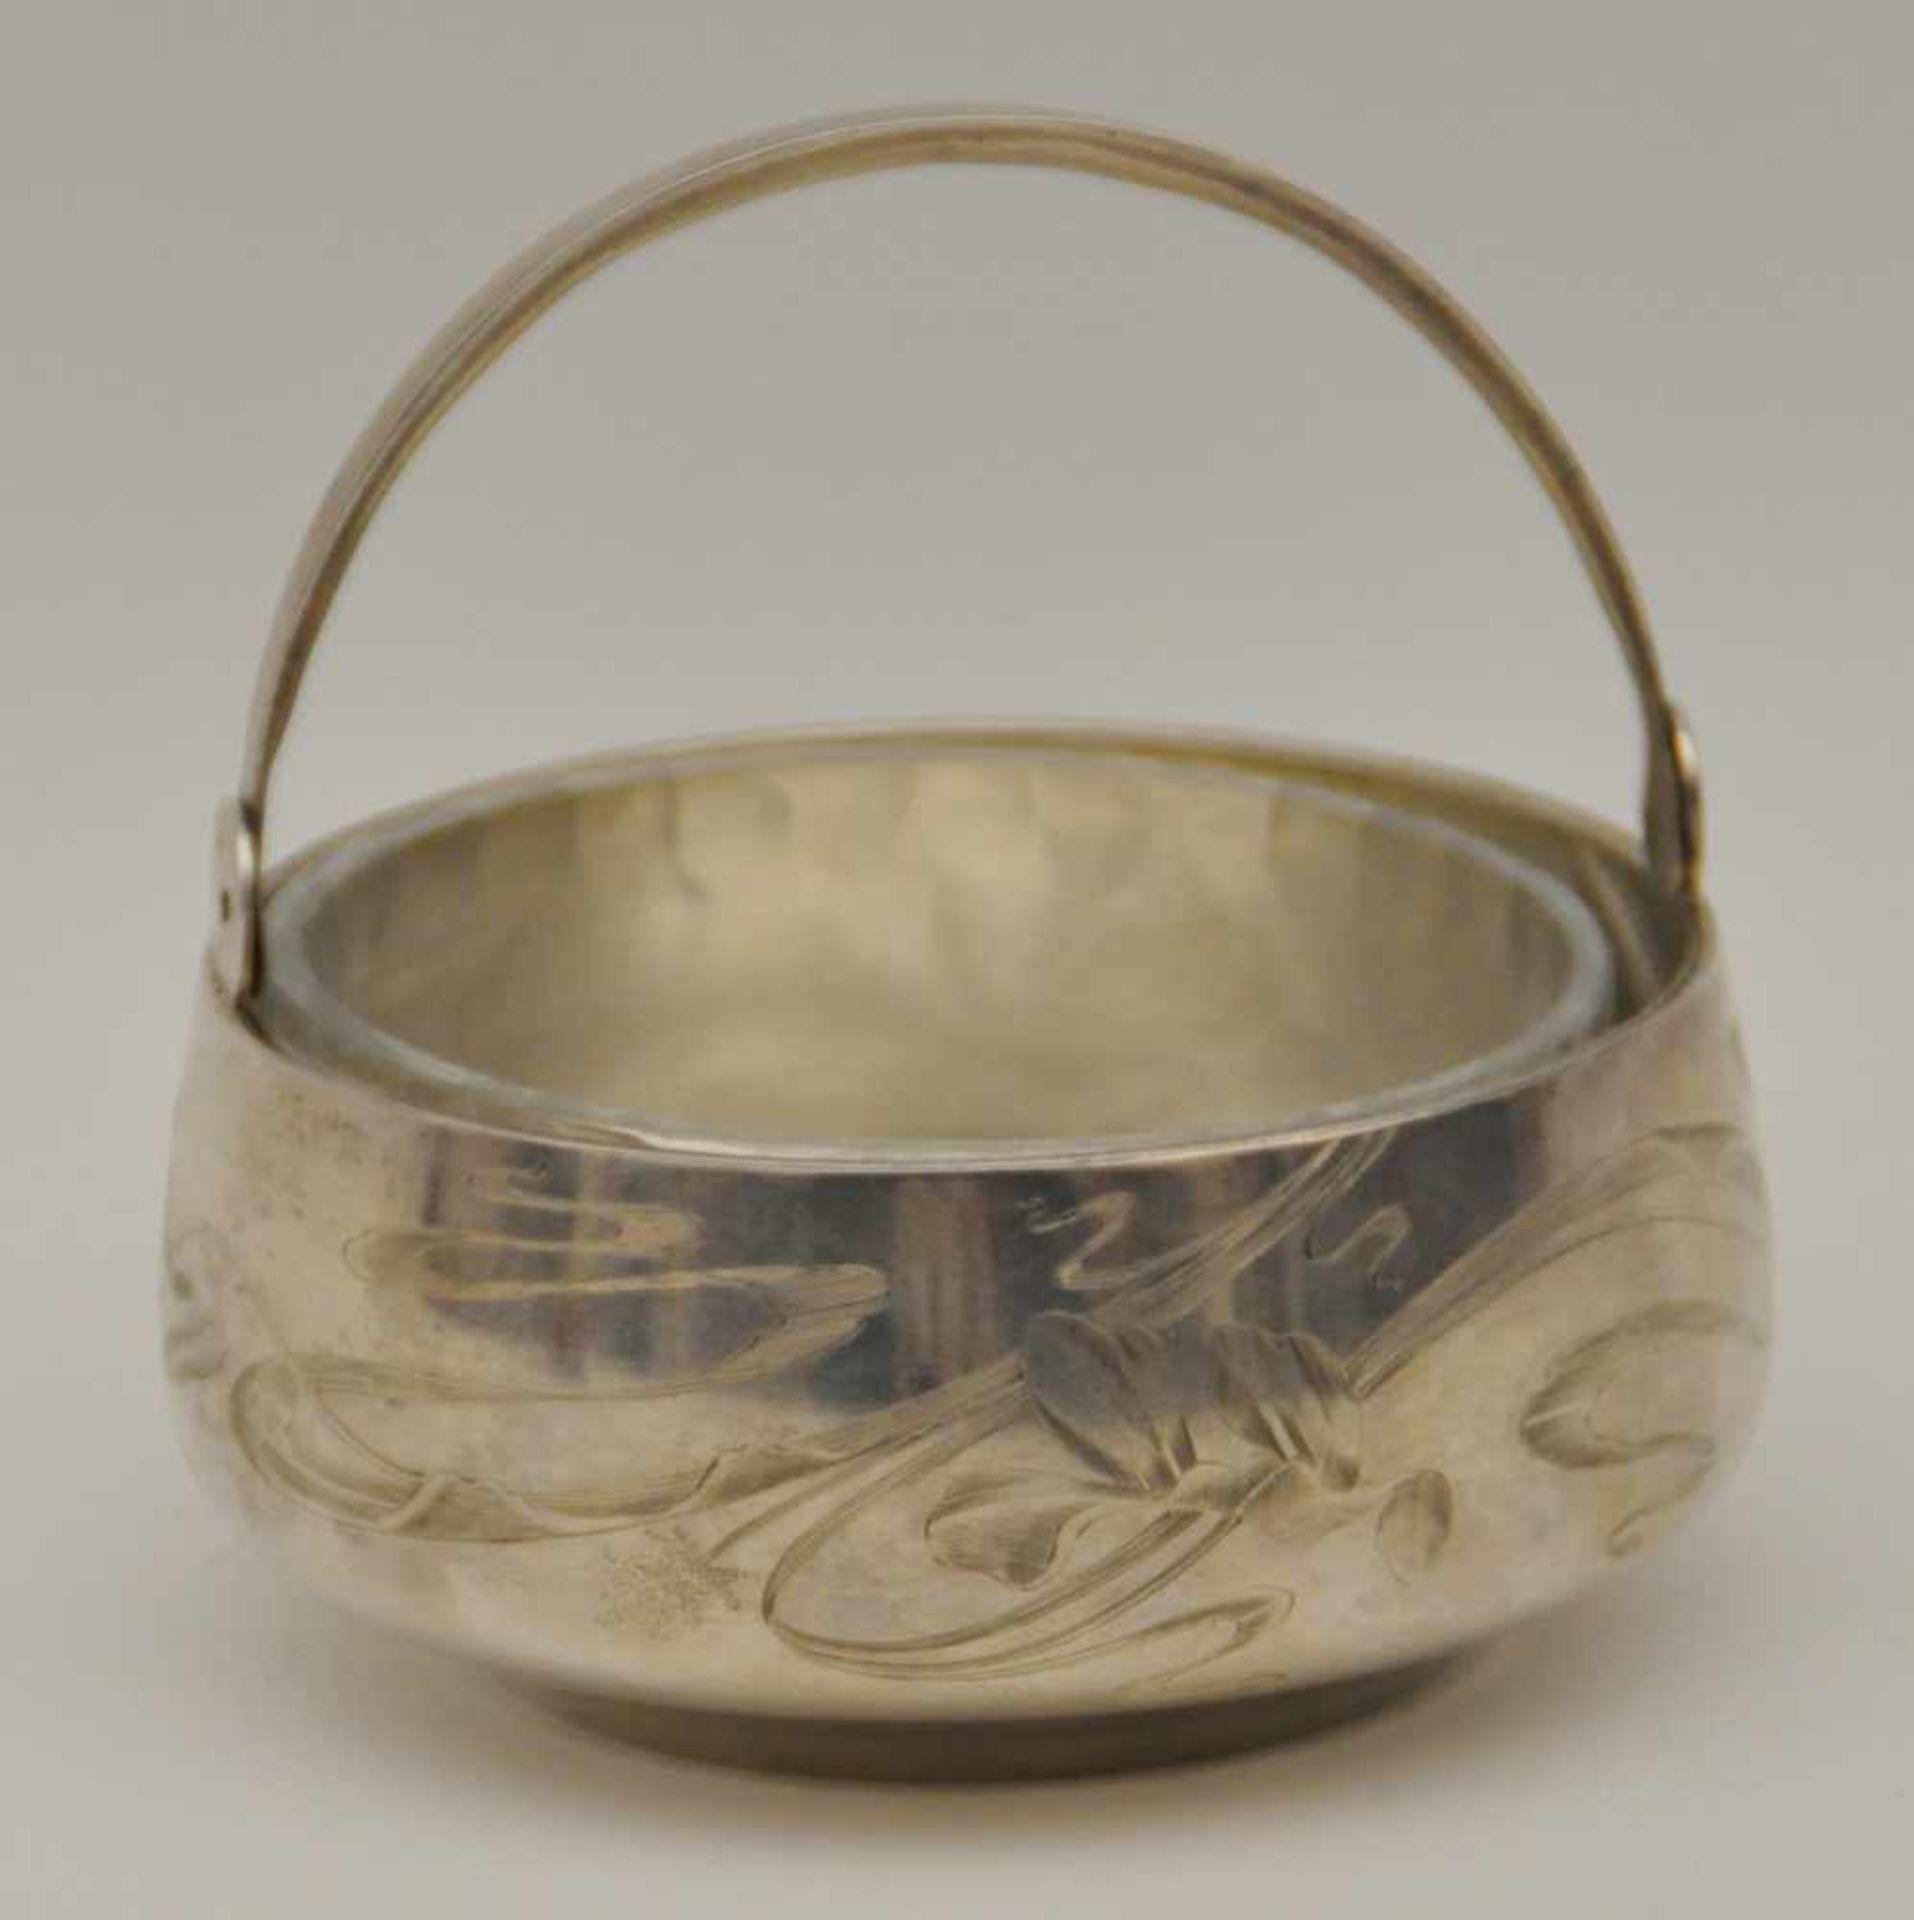 Los 57 - Konfektschale, Russland 20. Jh.Schale mit Kristalleinsatz, 84 Silber, Gewicht 167 g, mit